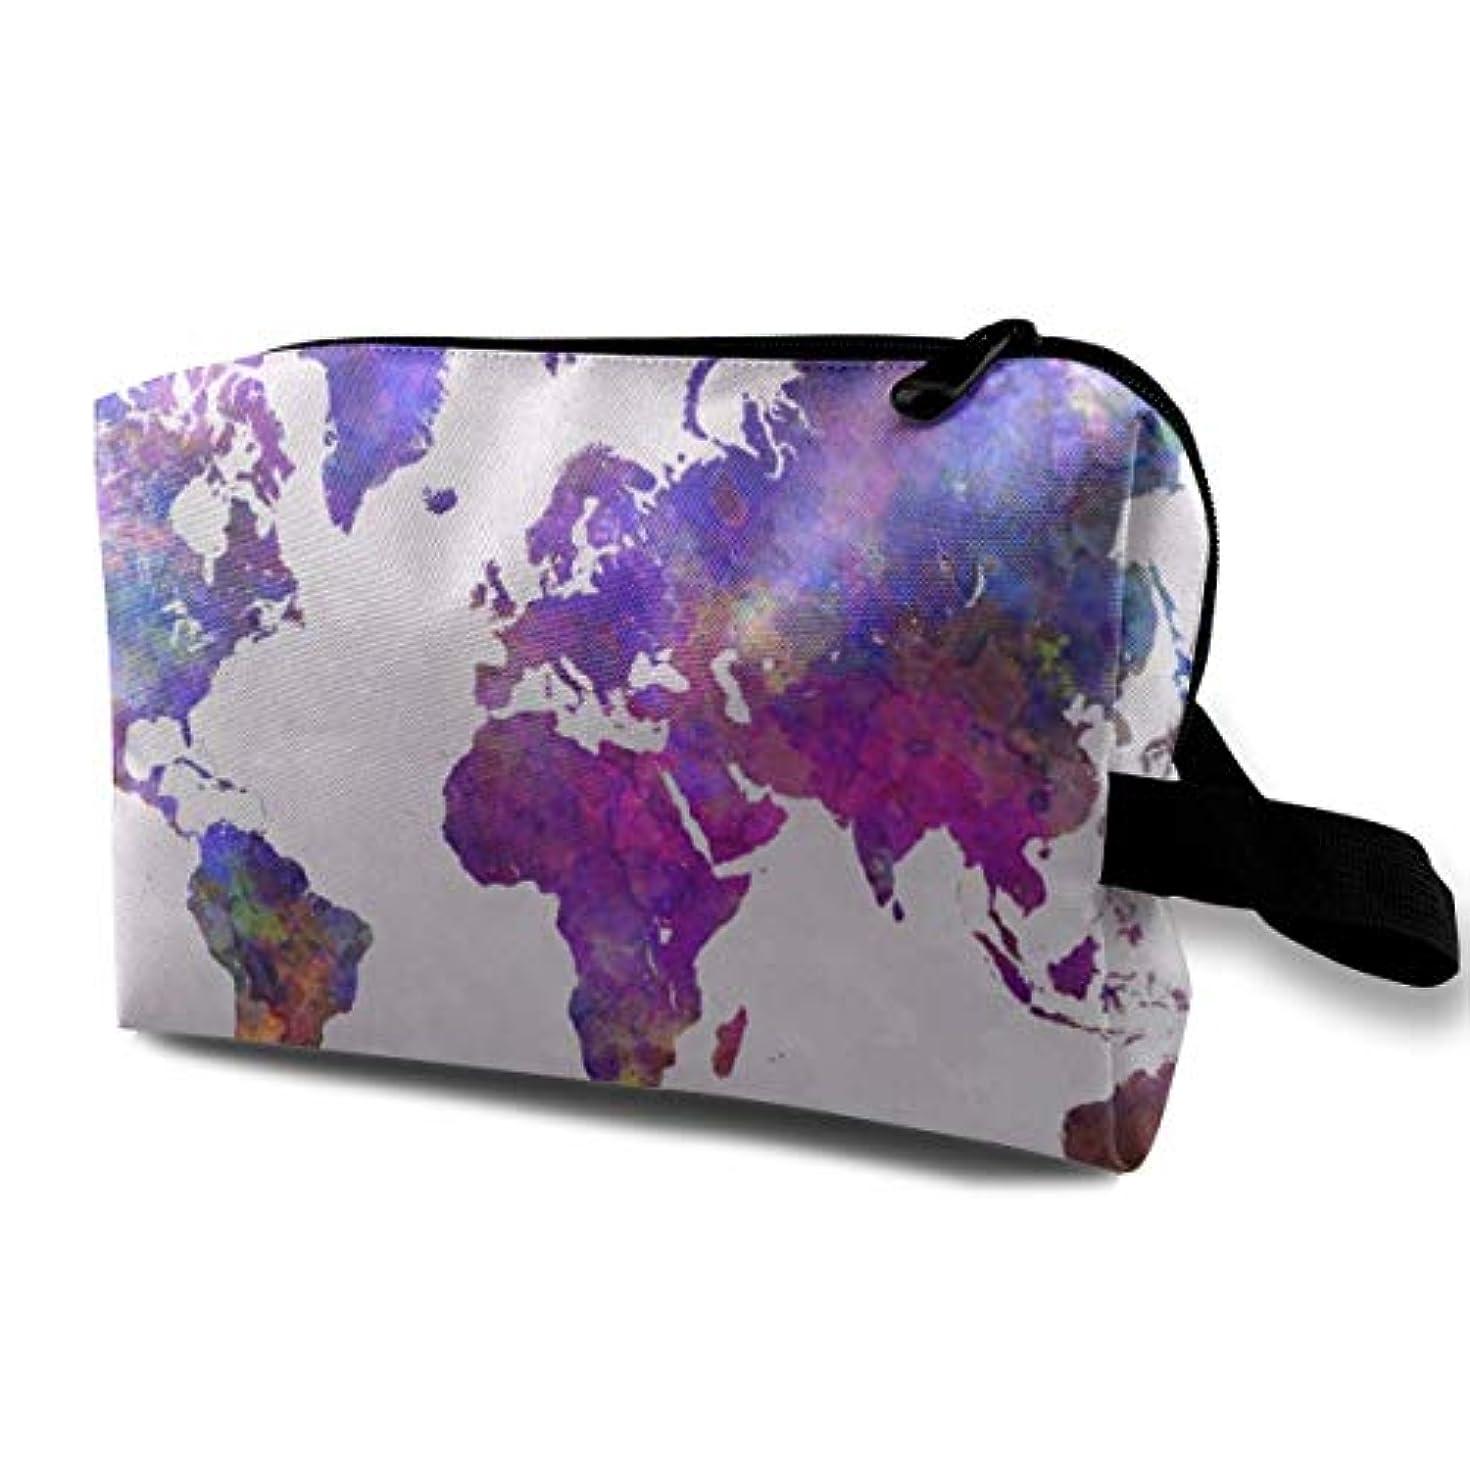 あいまいなスパークマトリックスWatercolor World Map 収納ポーチ 化粧ポーチ 大容量 軽量 耐久性 ハンドル付持ち運び便利。入れ 自宅?出張?旅行?アウトドア撮影などに対応。メンズ レディース トラベルグッズ